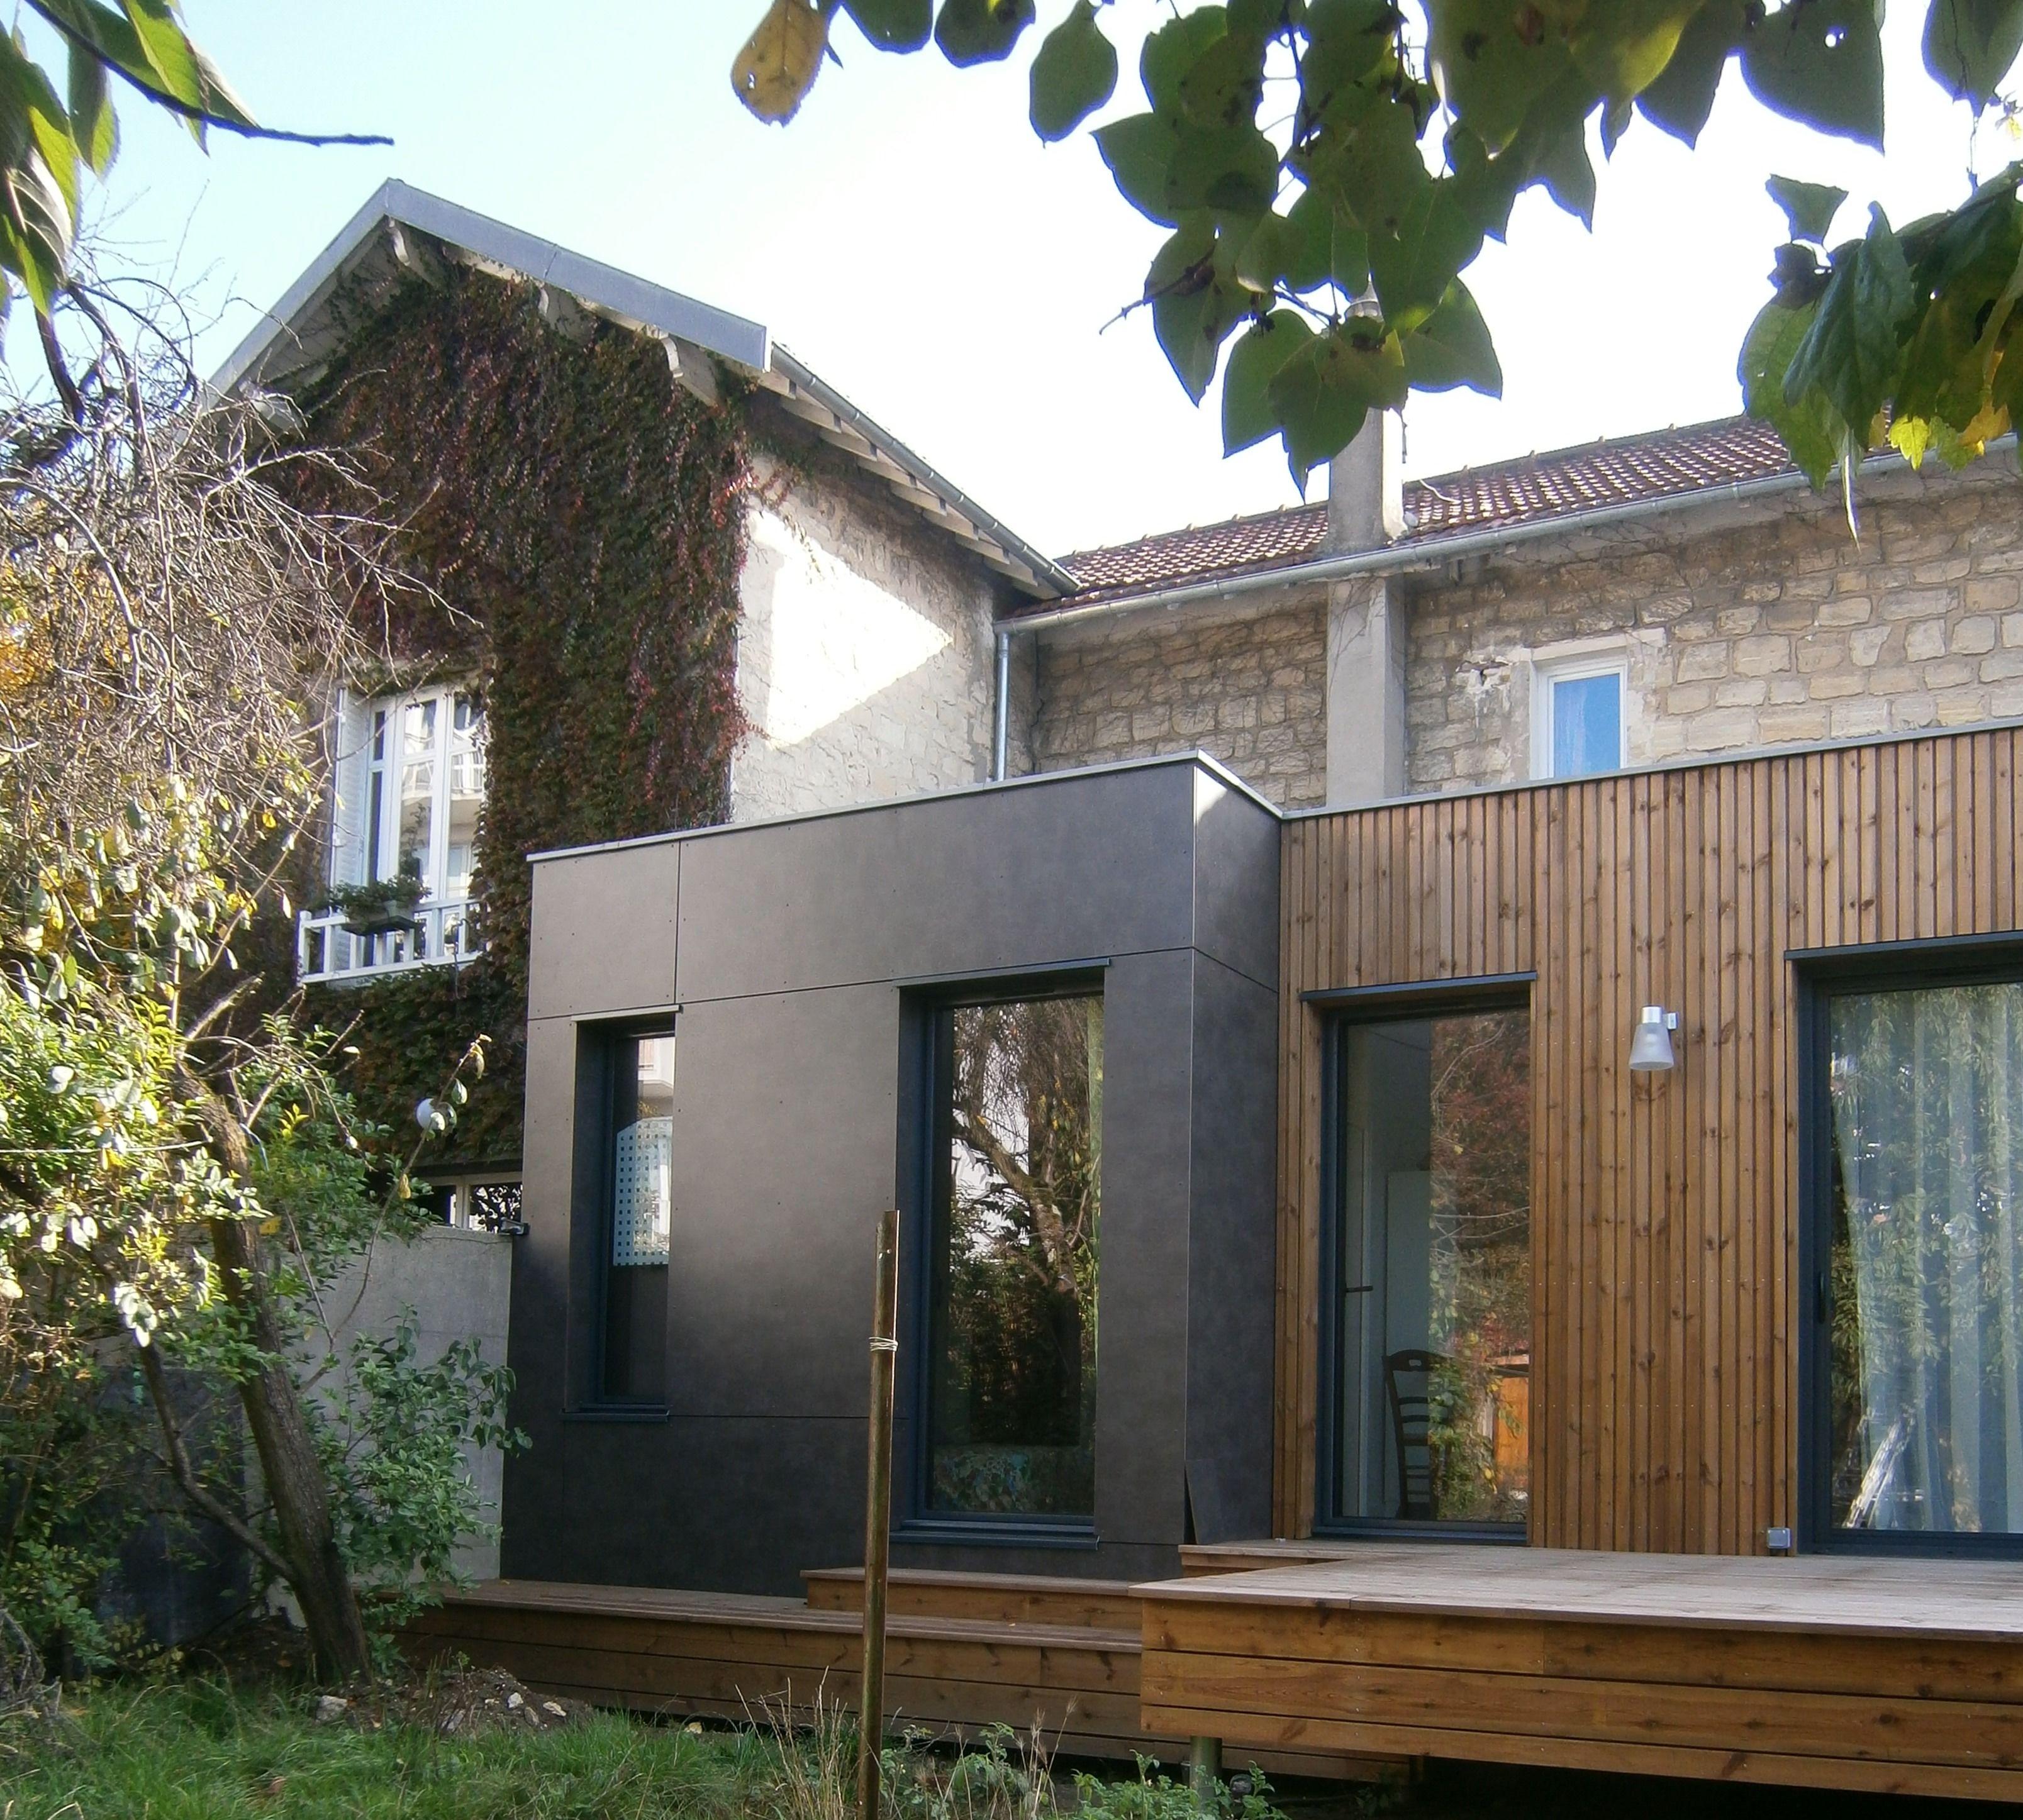 M2 et compagnie pierre labourdette architecture bois wood house extension chatou